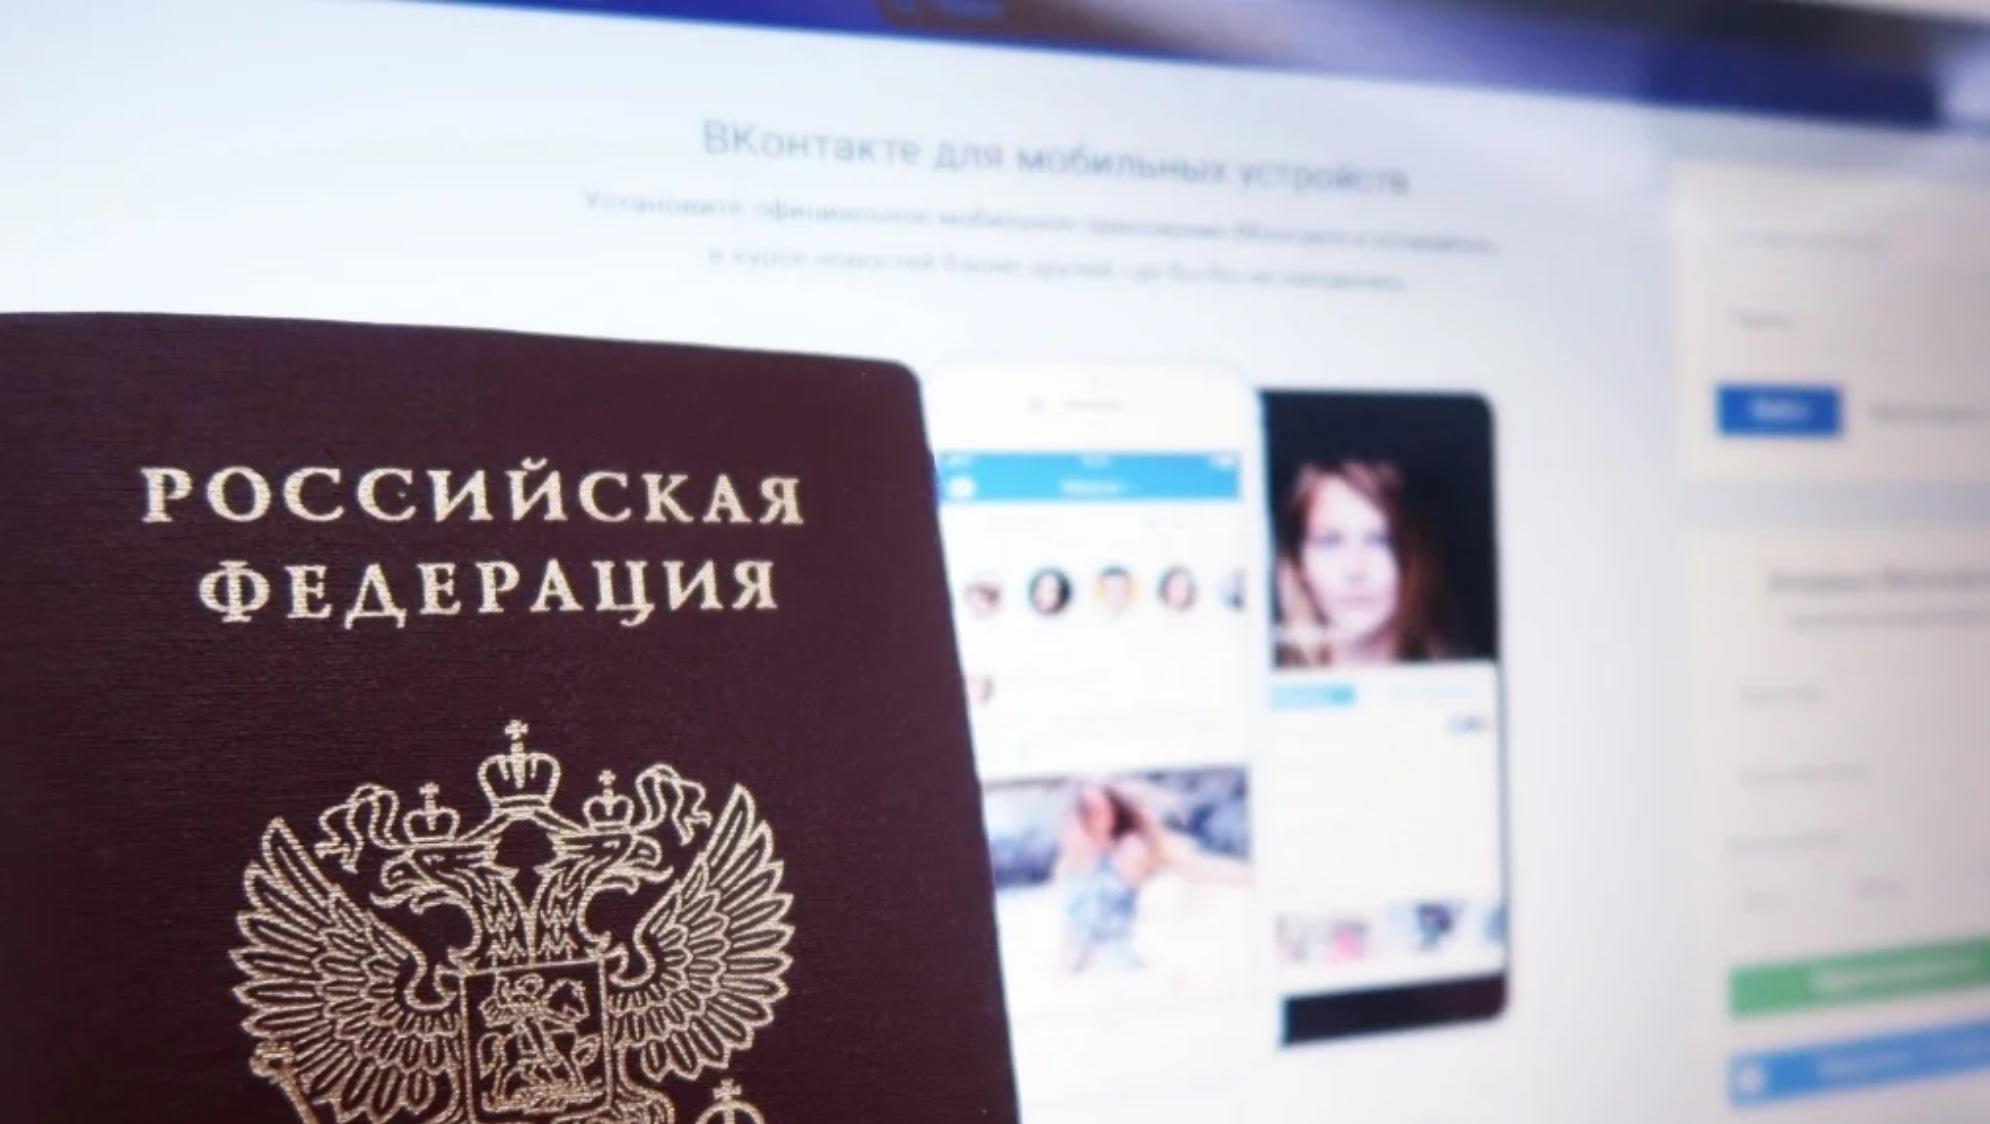 Соцсети начнут требовать паспортные данные